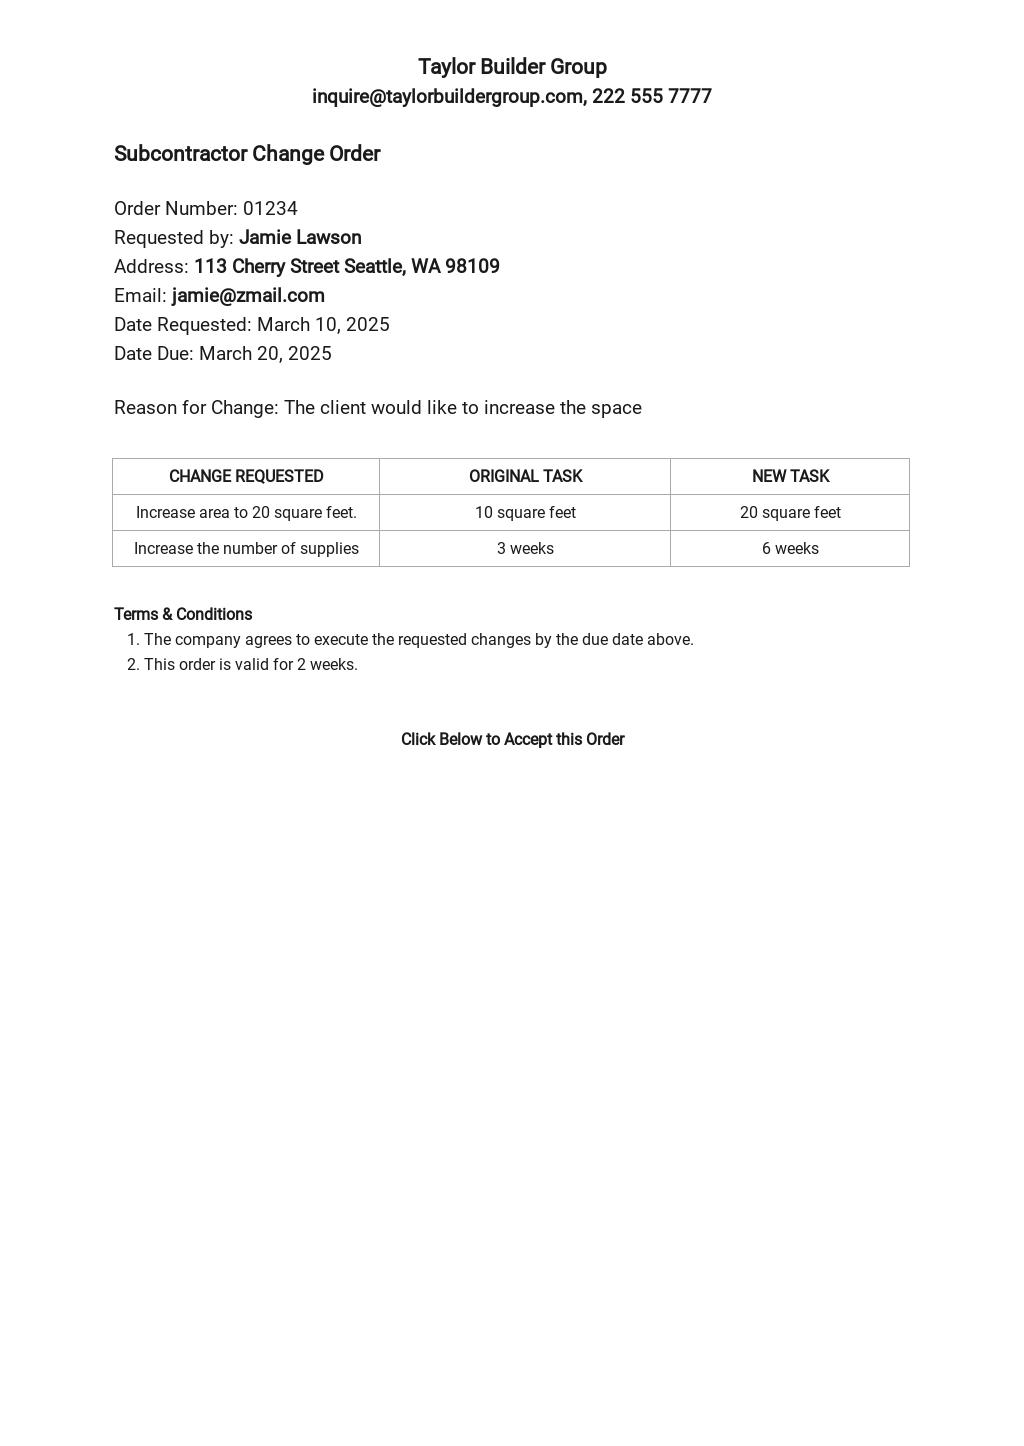 Subcontractor Change Orders Template.jpe